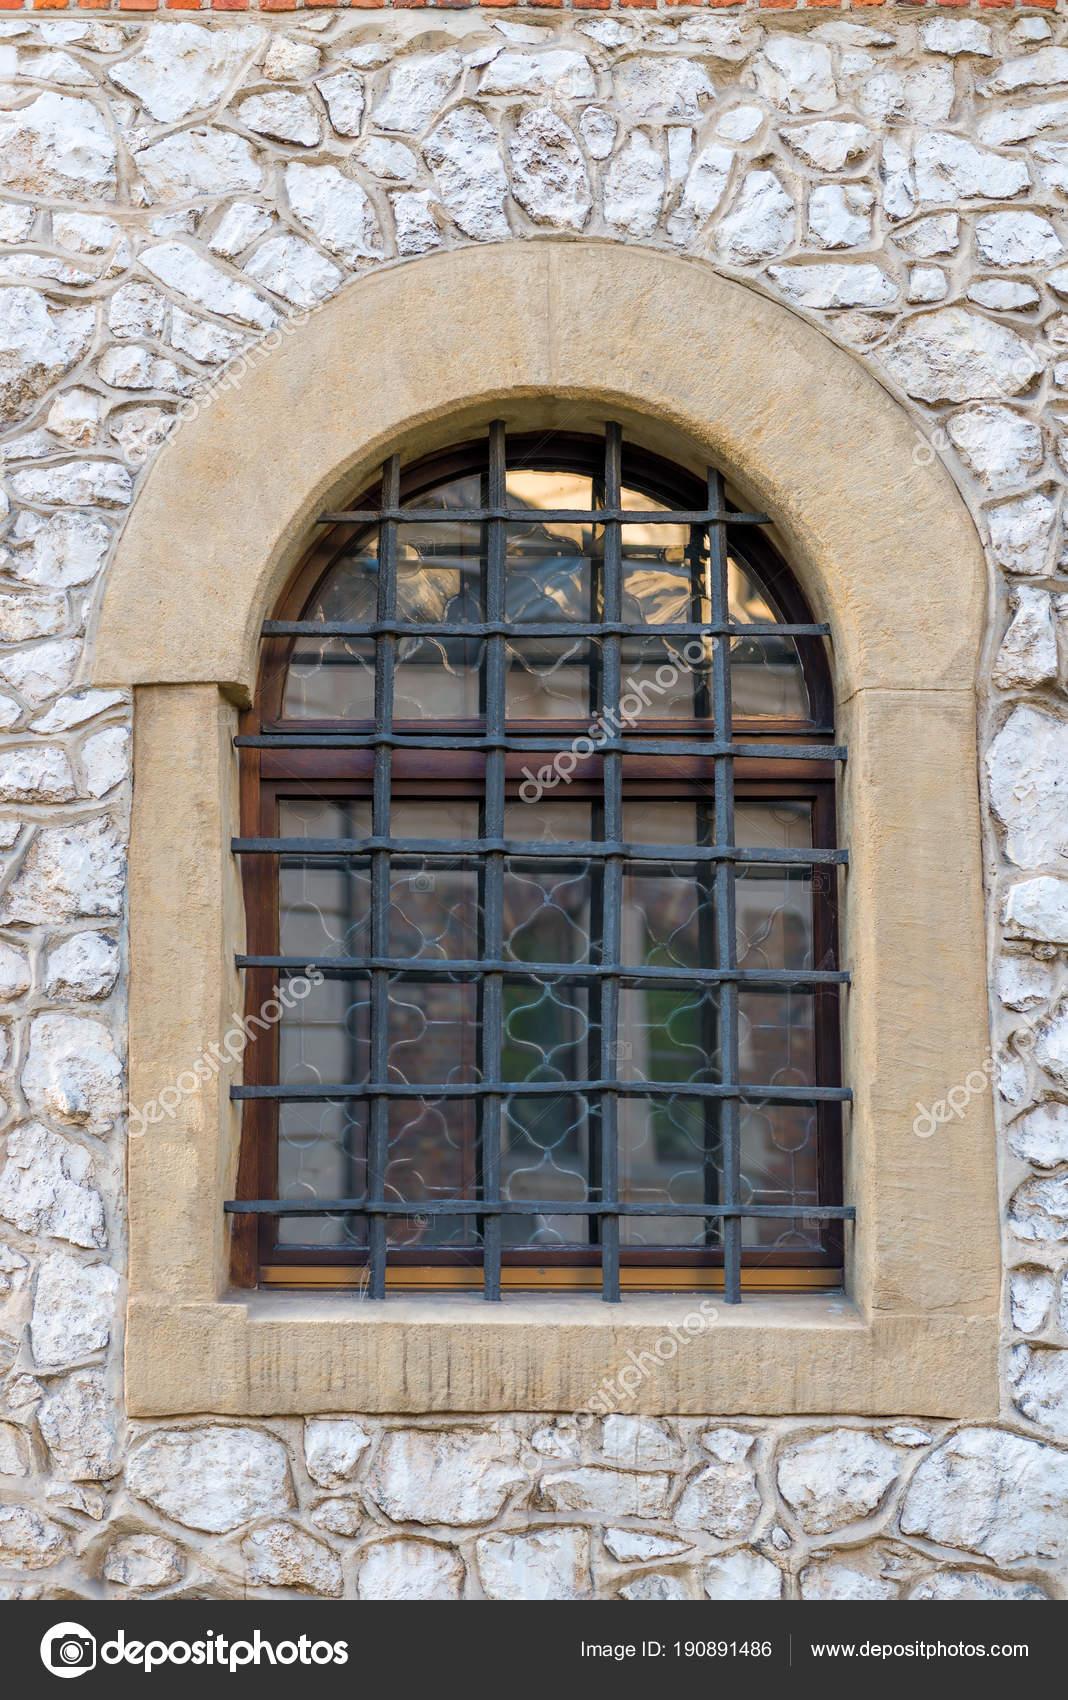 Finestra con una griglia di stile medievale nel castello foto stock kosmos111 190891486 - Finestre castelli medievali ...